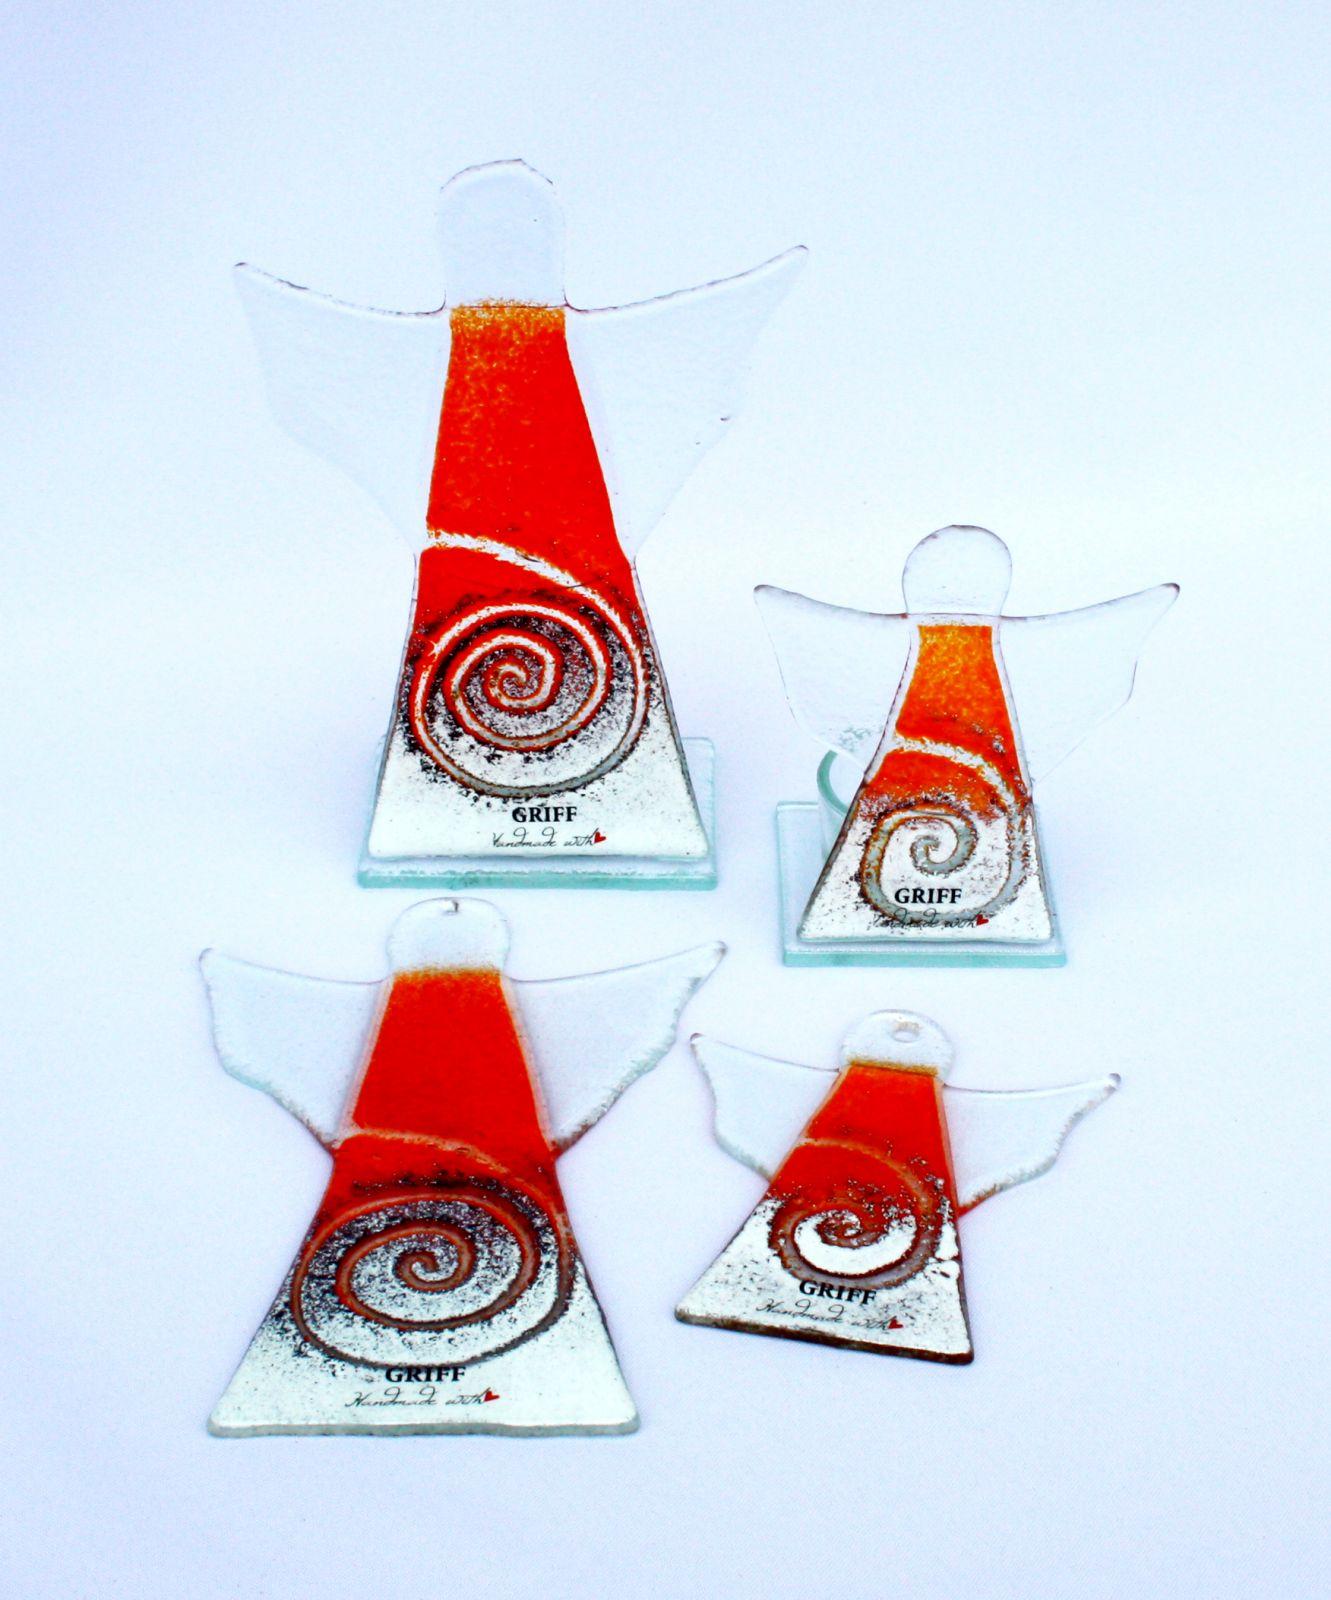 Dekorace do bytu Skleněný dekorační svícen anděl na čajovou svíčku - oranžový GRIFFglass originální, skleněné dekorace do bytu